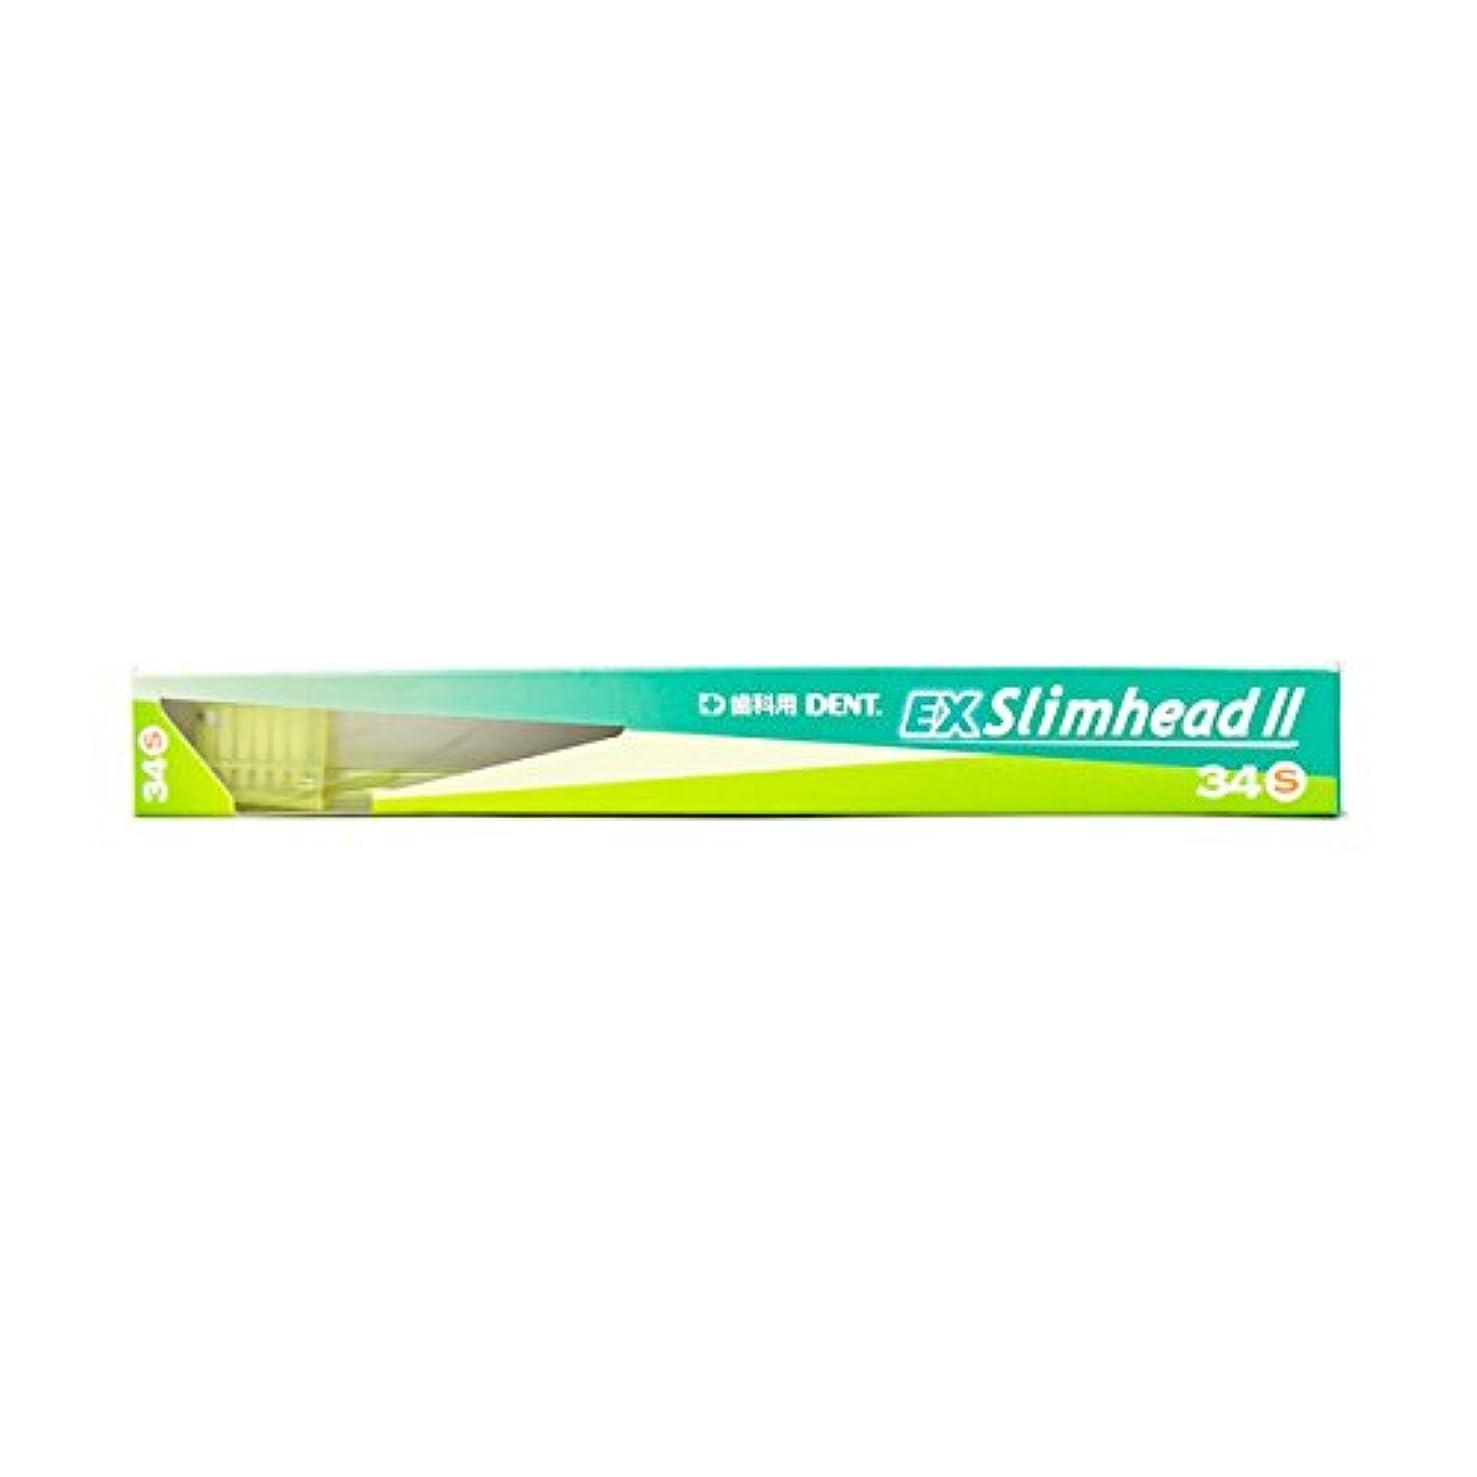 リズミカルな欲望飼い慣らすライオン歯科材 デント EX スリムヘッド II 34 ソフト 1本入 4903301336044